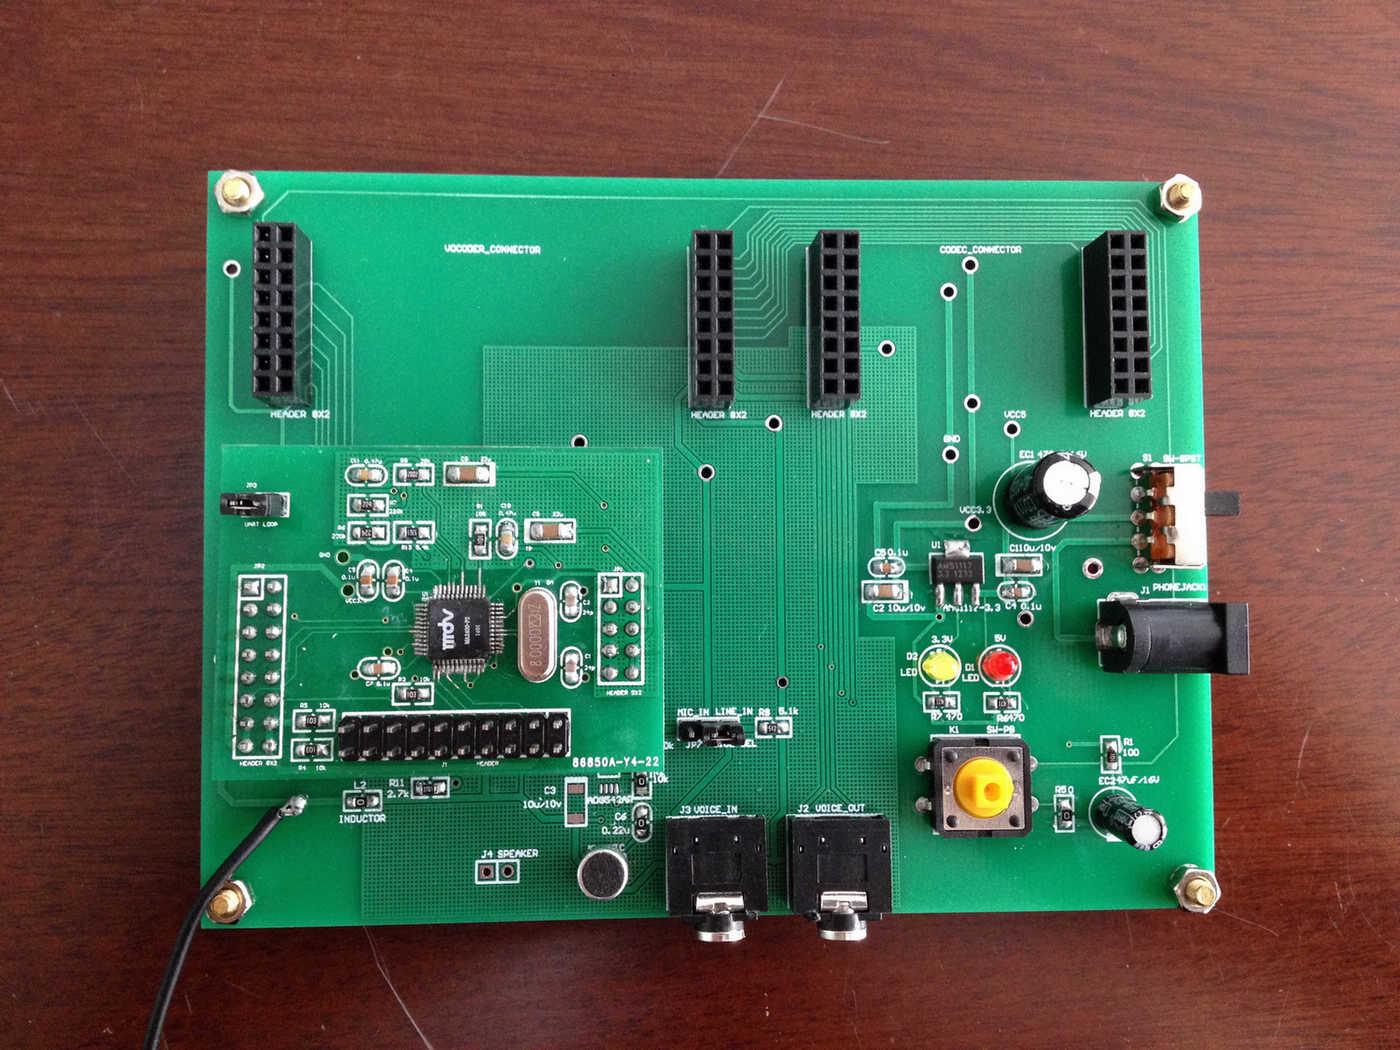 ma2400-p2开发板 - 低码率语音压缩芯片专家——深圳